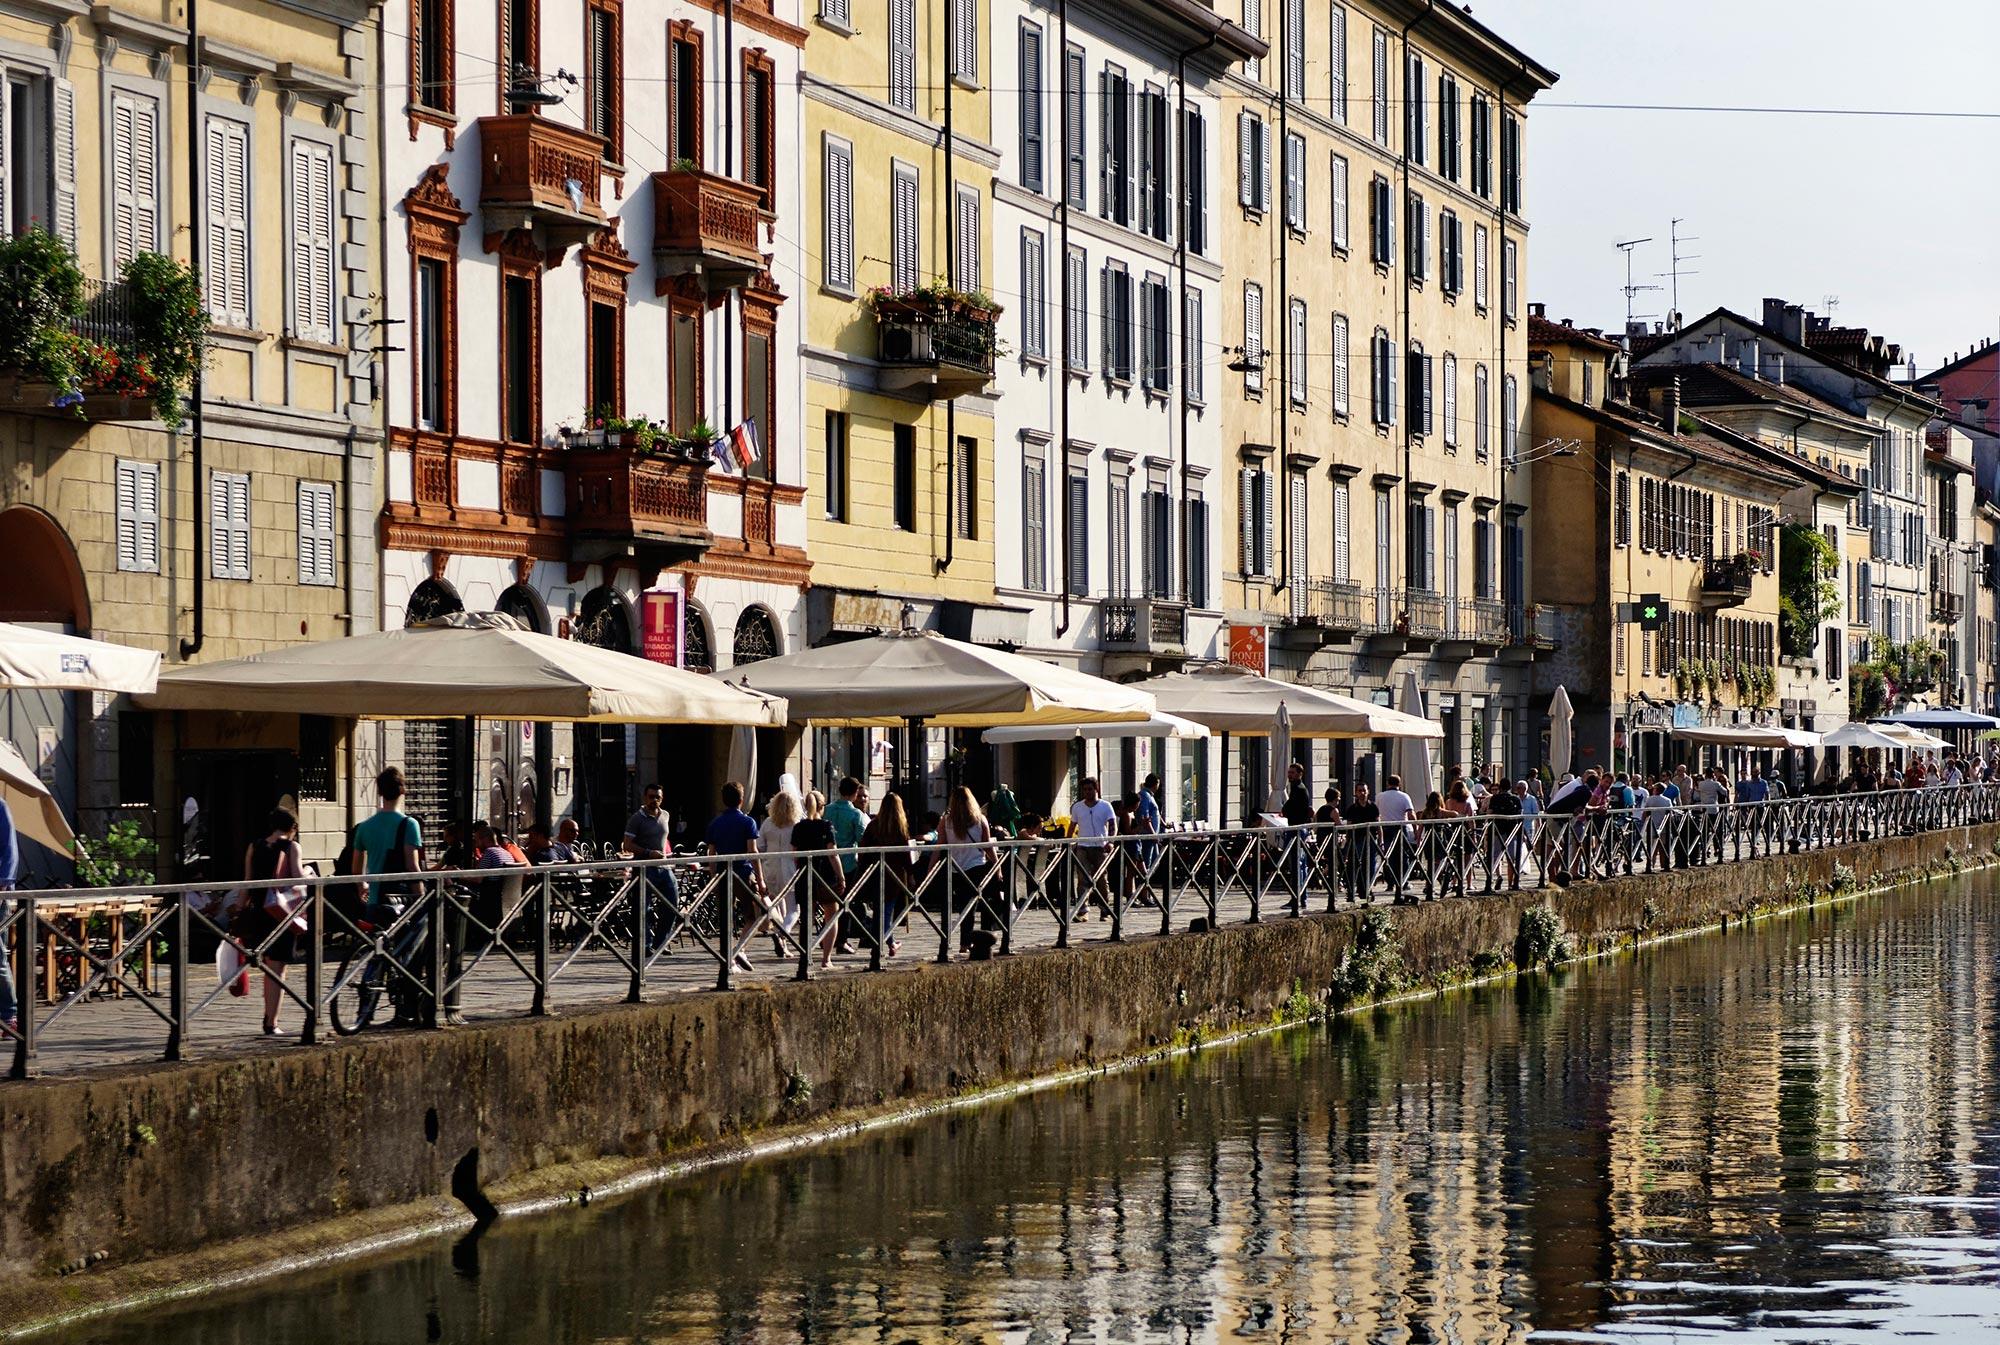 Explore-Italy-Attraction-Canal-Navigli-Grande-Milan